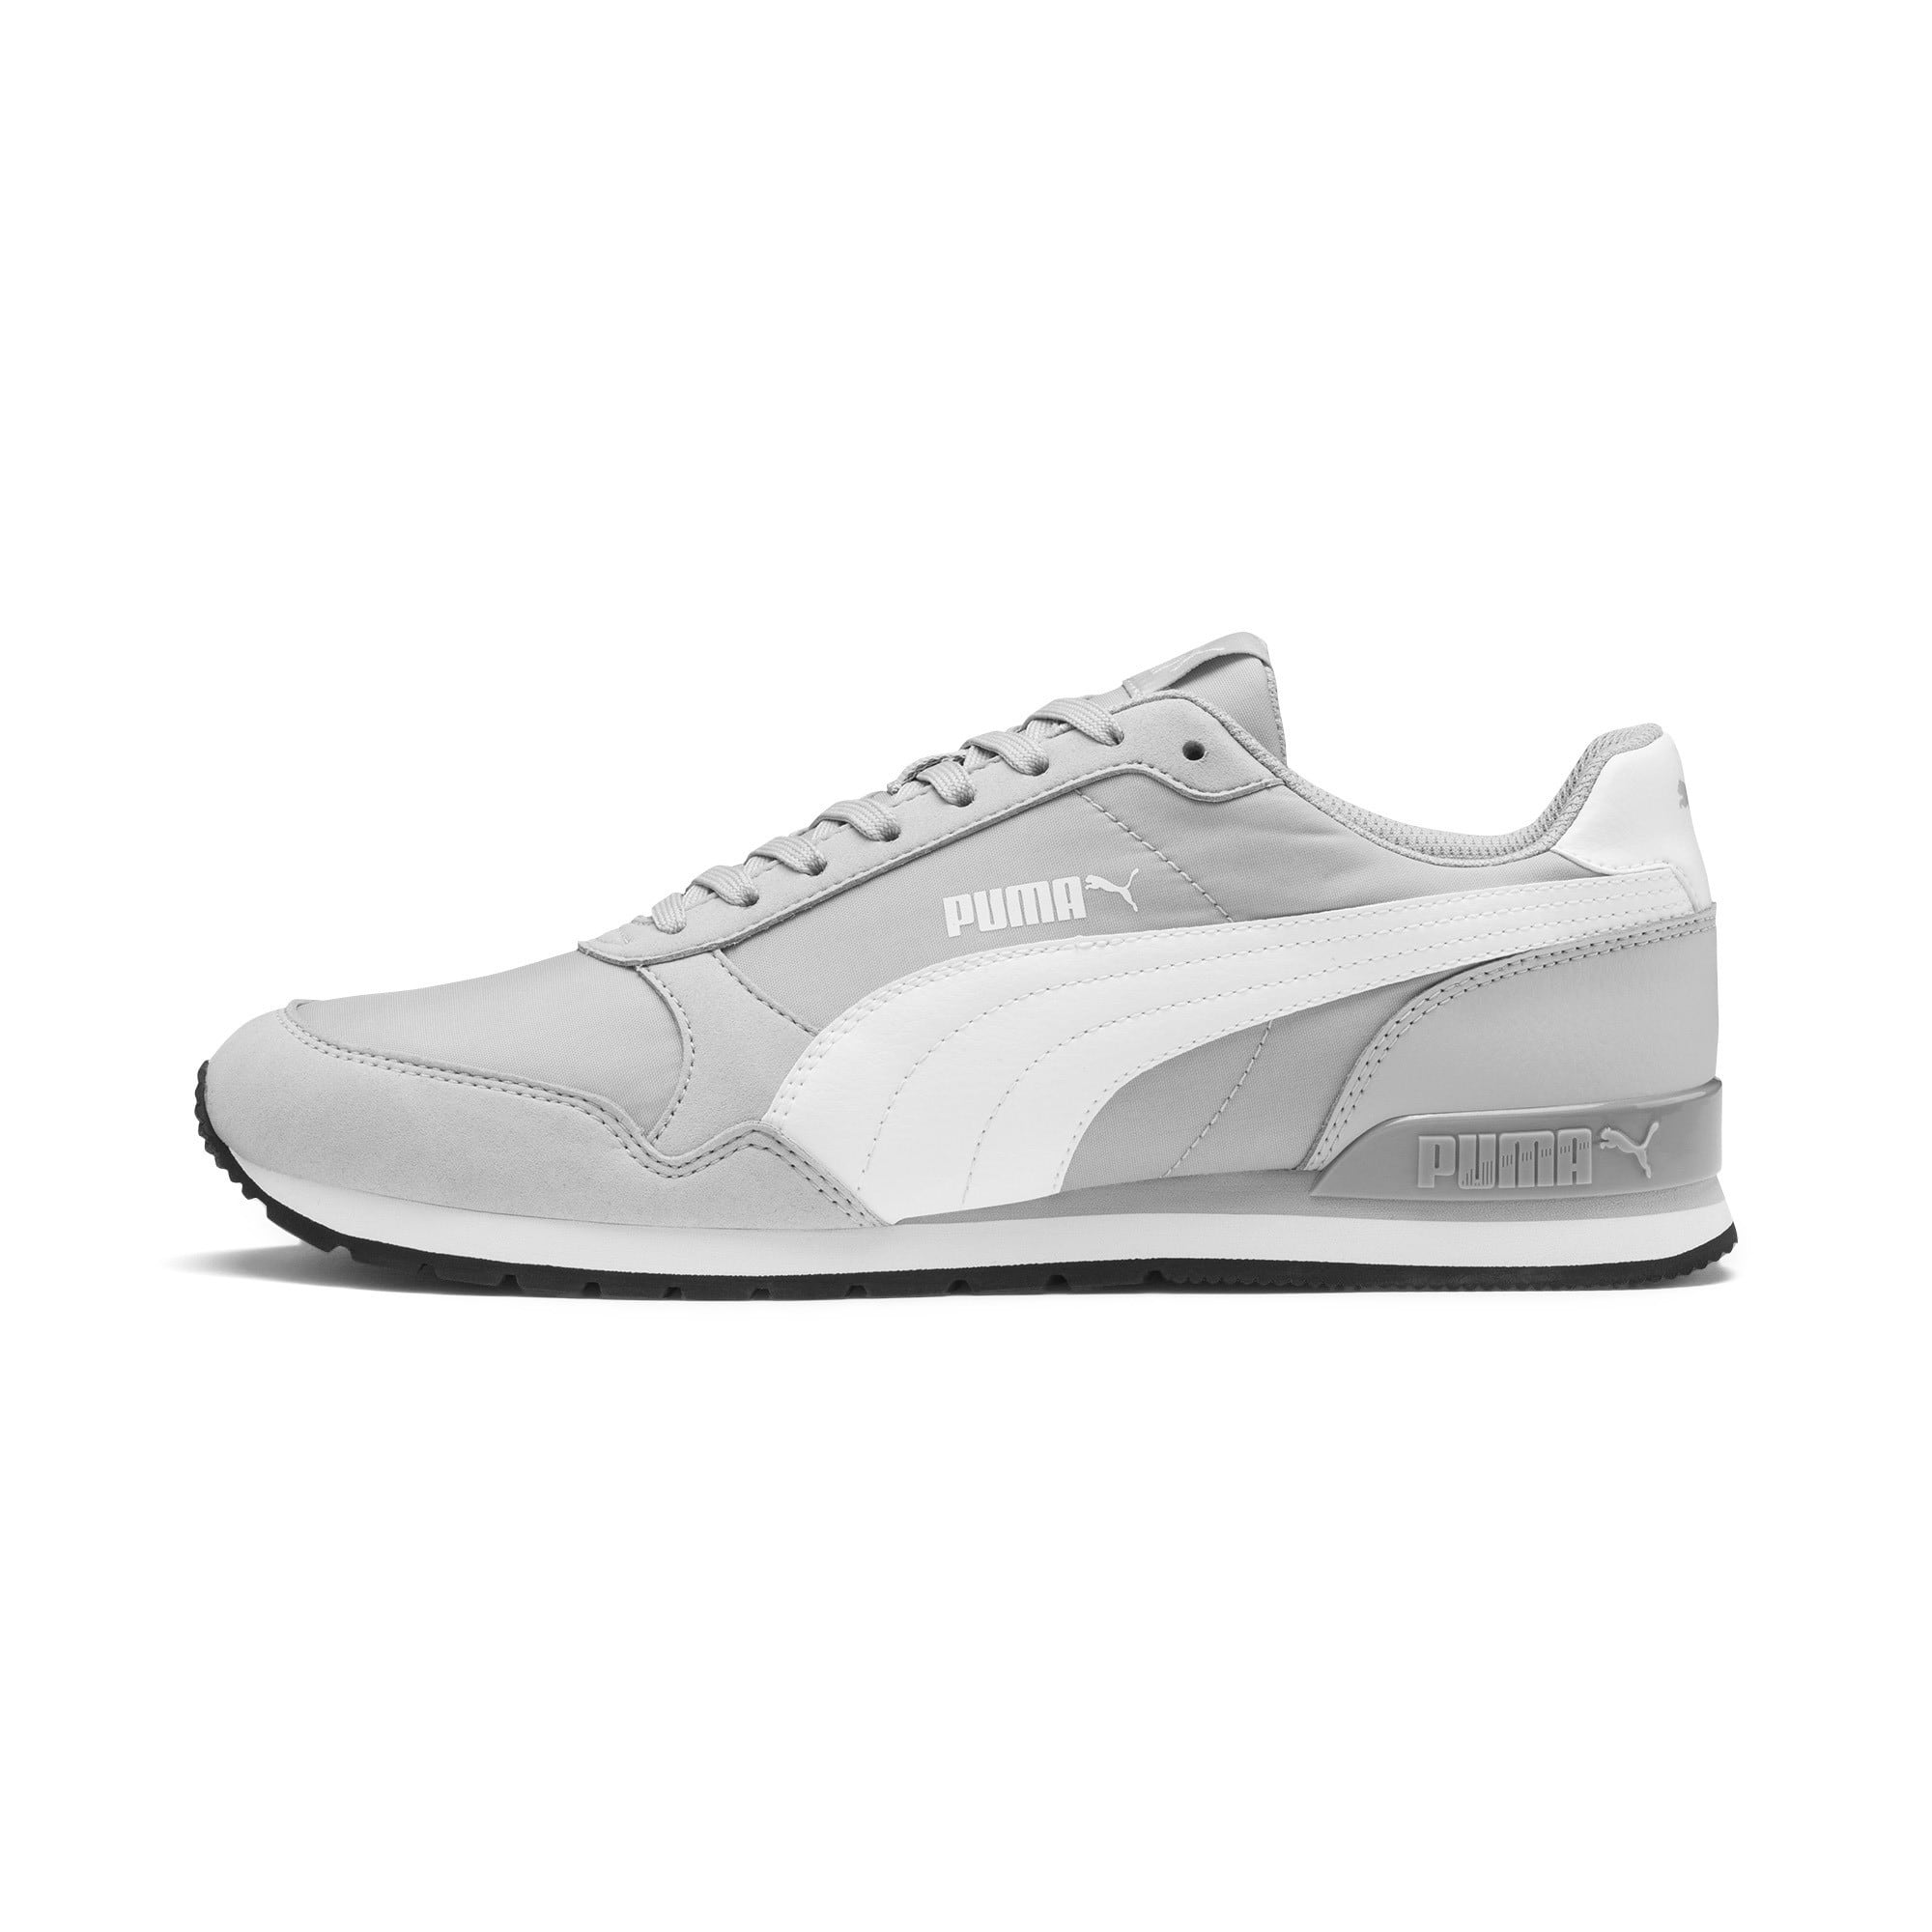 Thumbnail 1 of ST Runner v2 Sneakers, High Rise-Puma White, medium